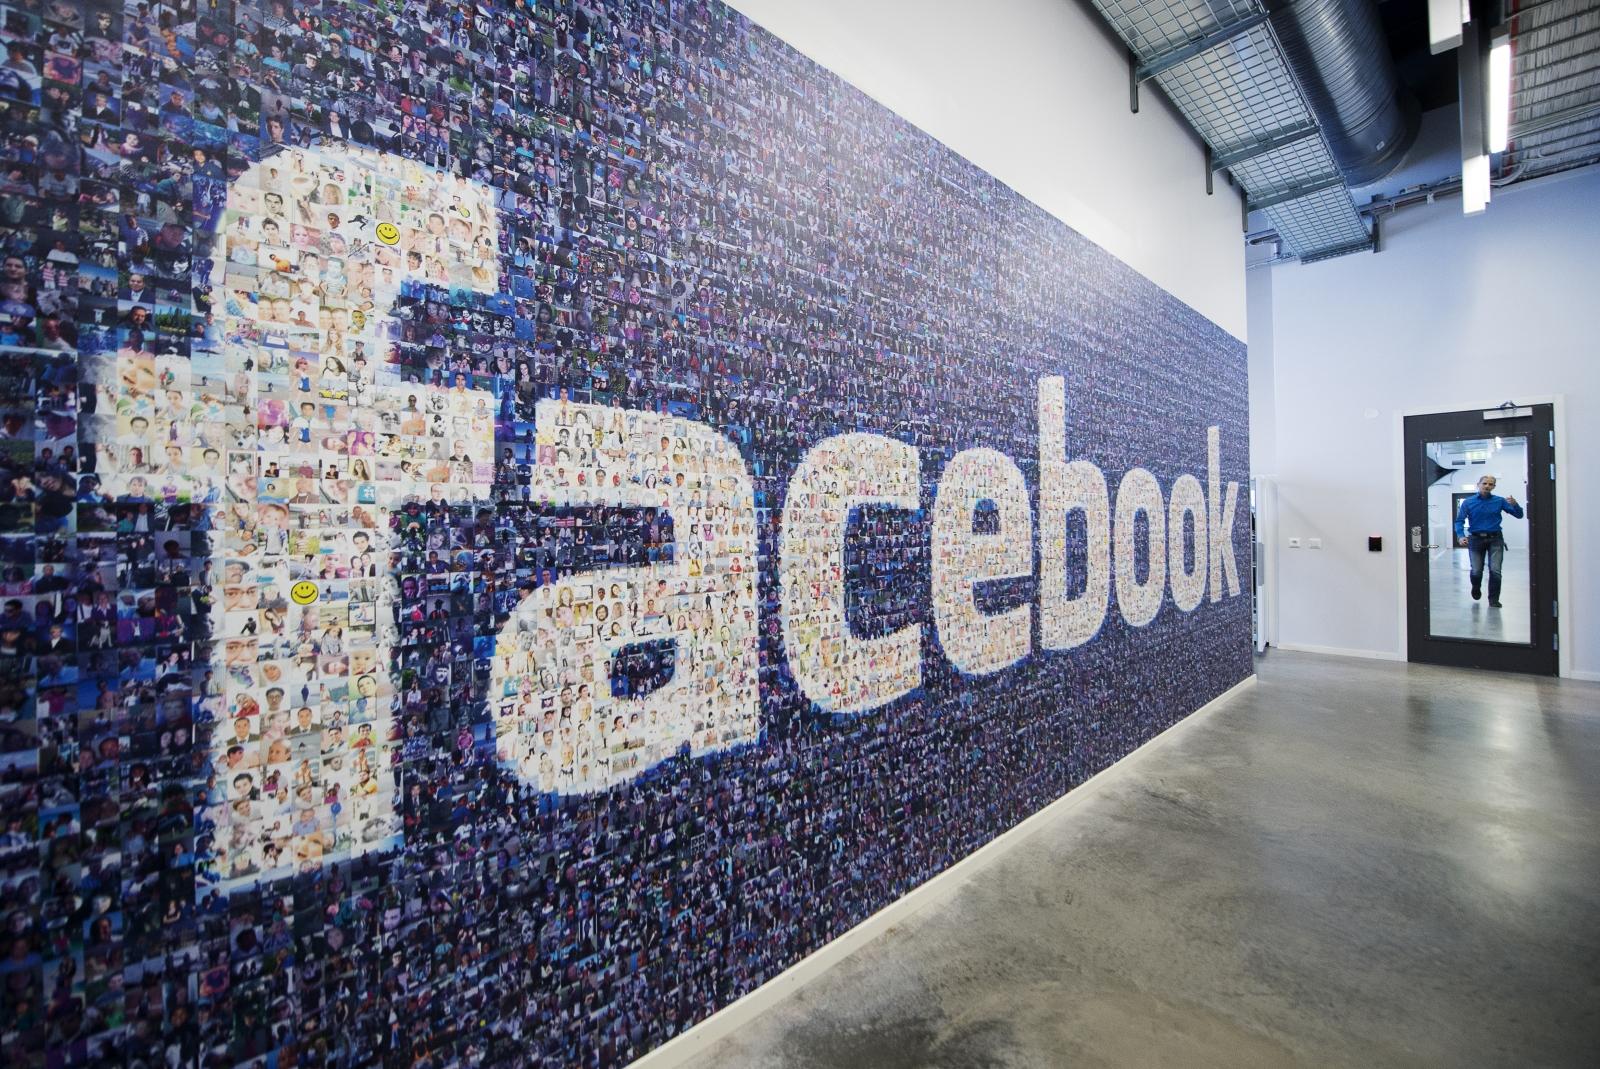 Facebook Investing Massively in Denmark